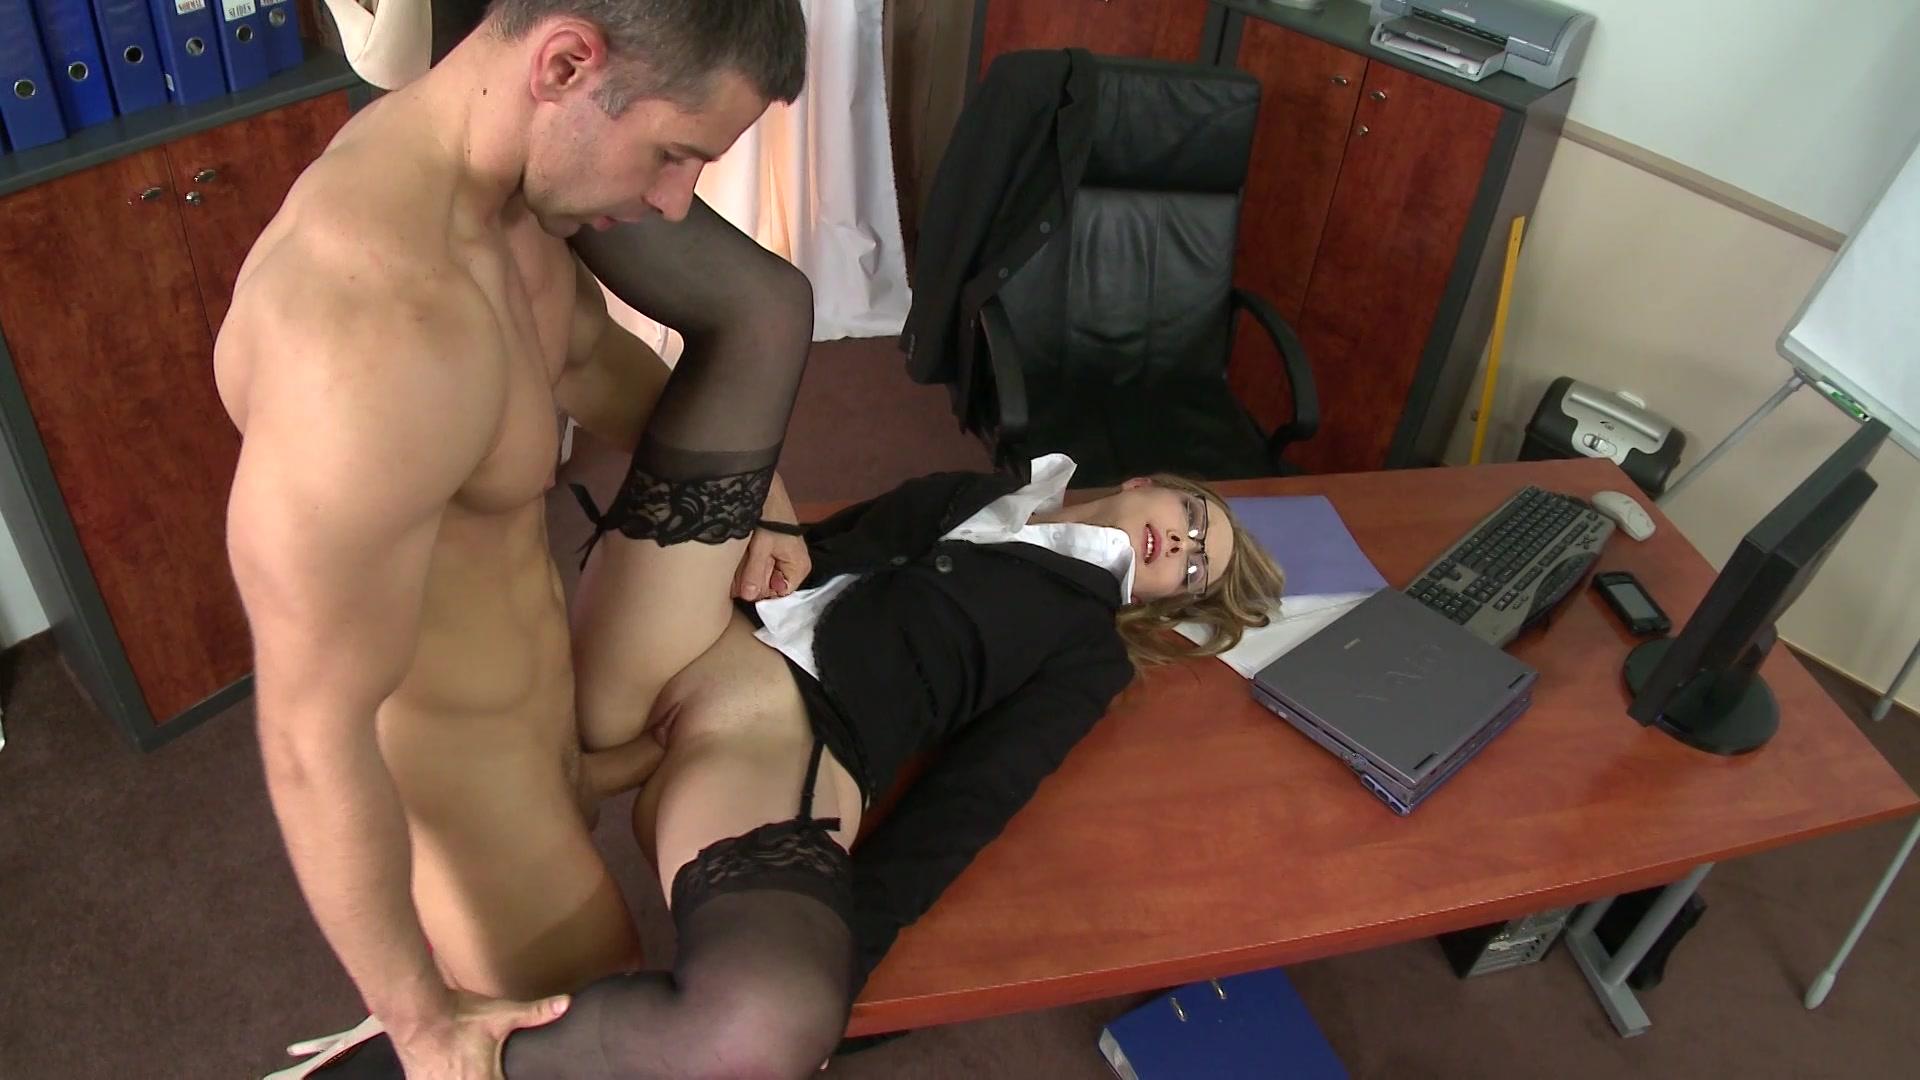 Директор трахнул свою помощницу, нежный секс с обалденной девушкой